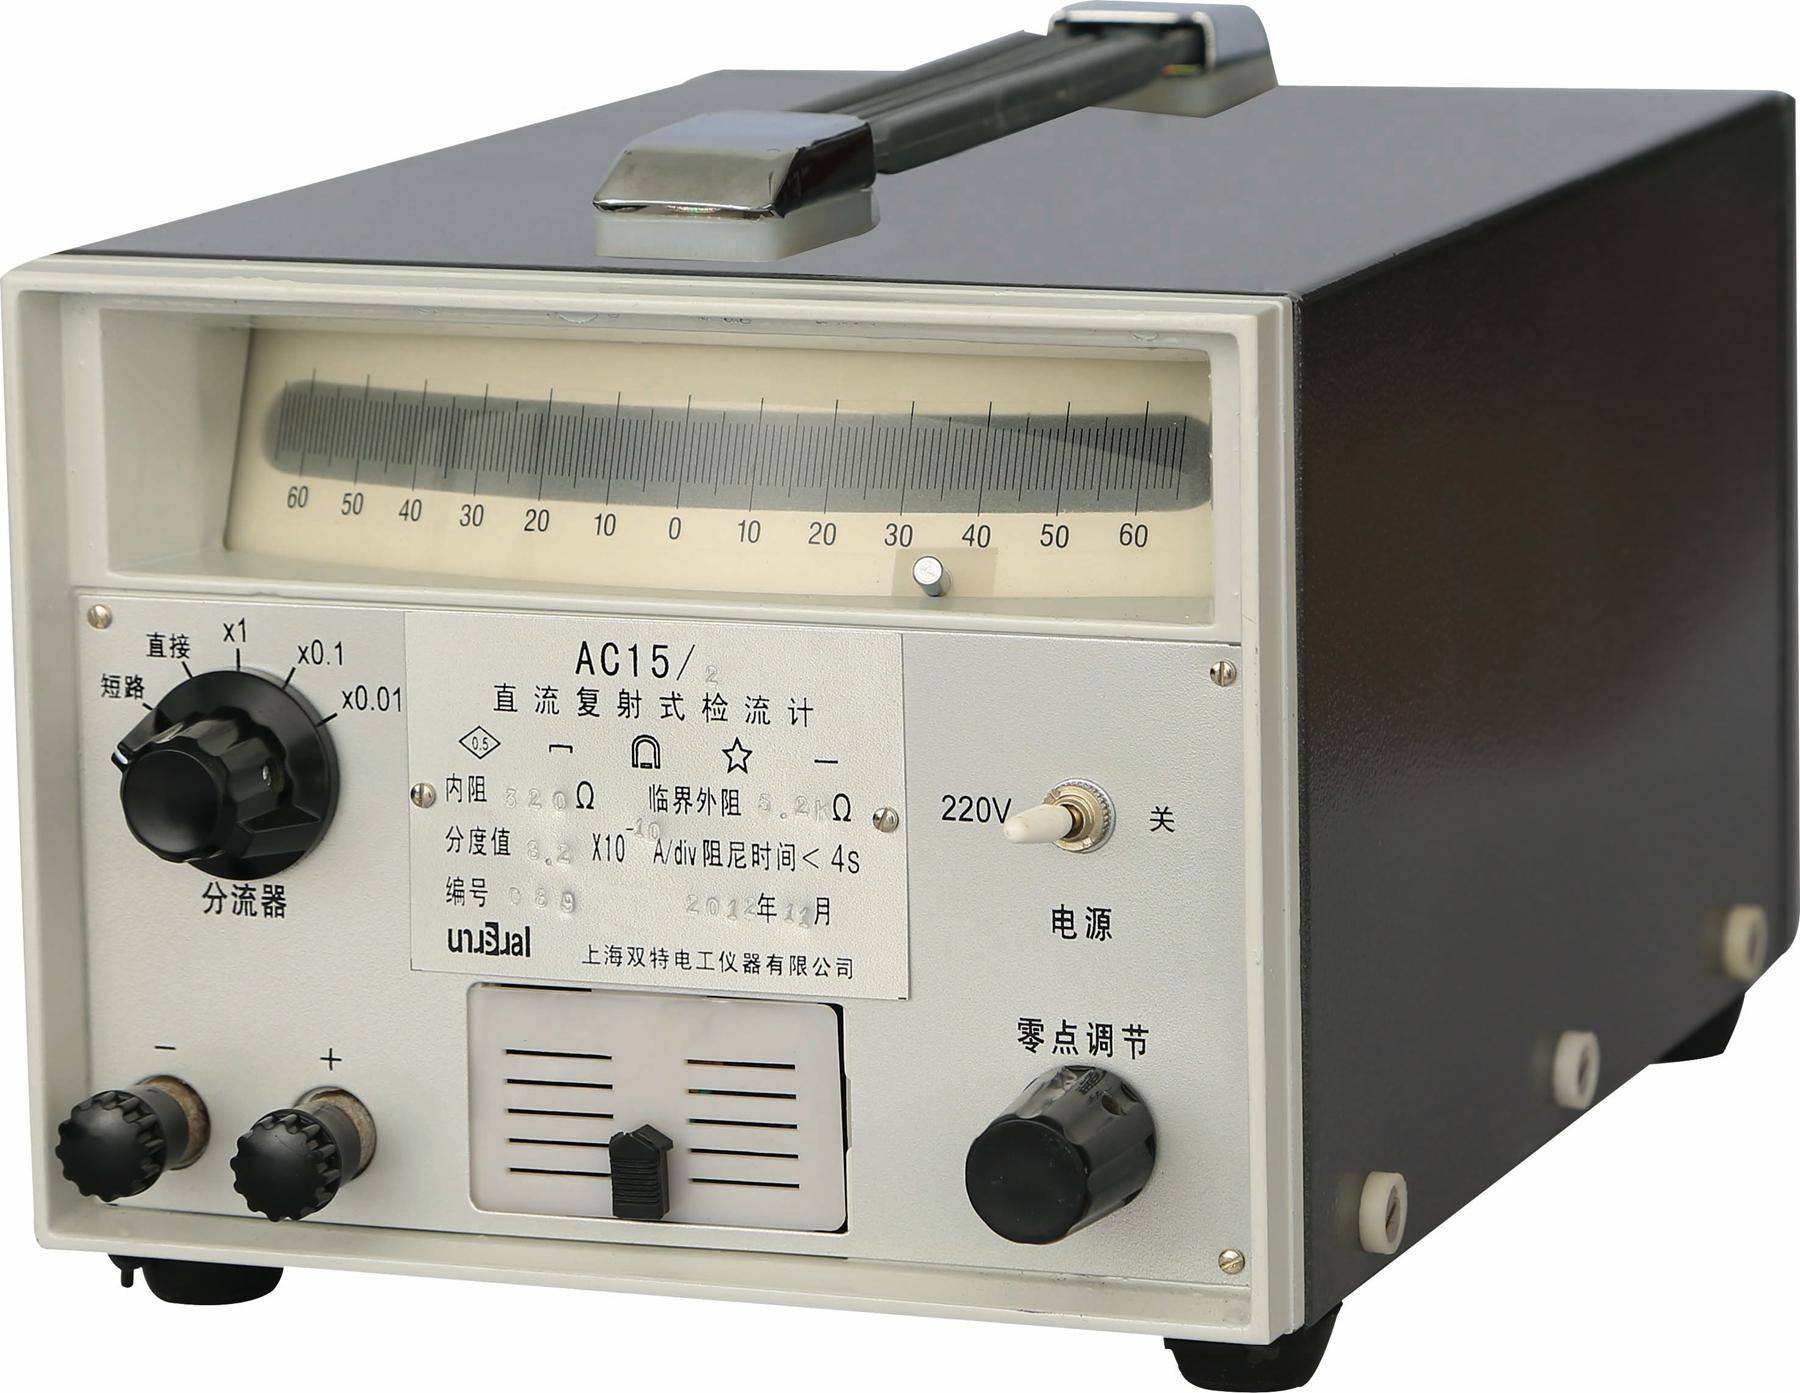 AC15/1-6型復射式直流檢流計